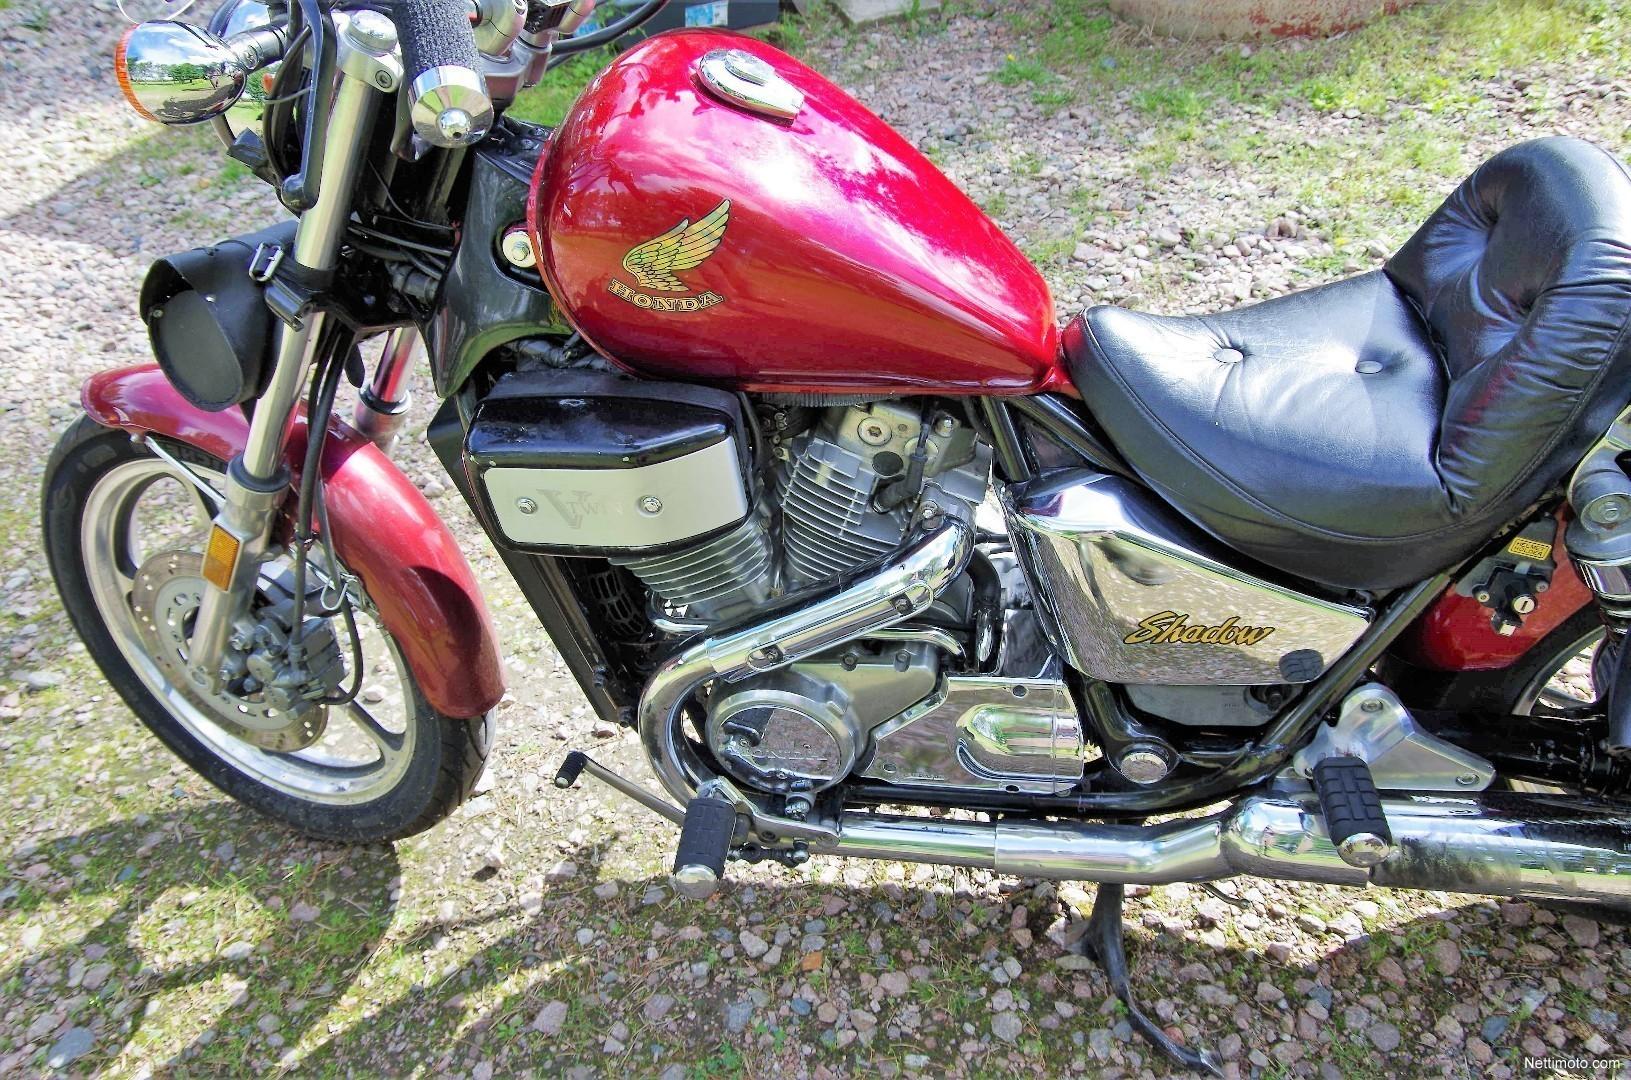 Honda VT. 700 Shadow VT700C SHADOW USA